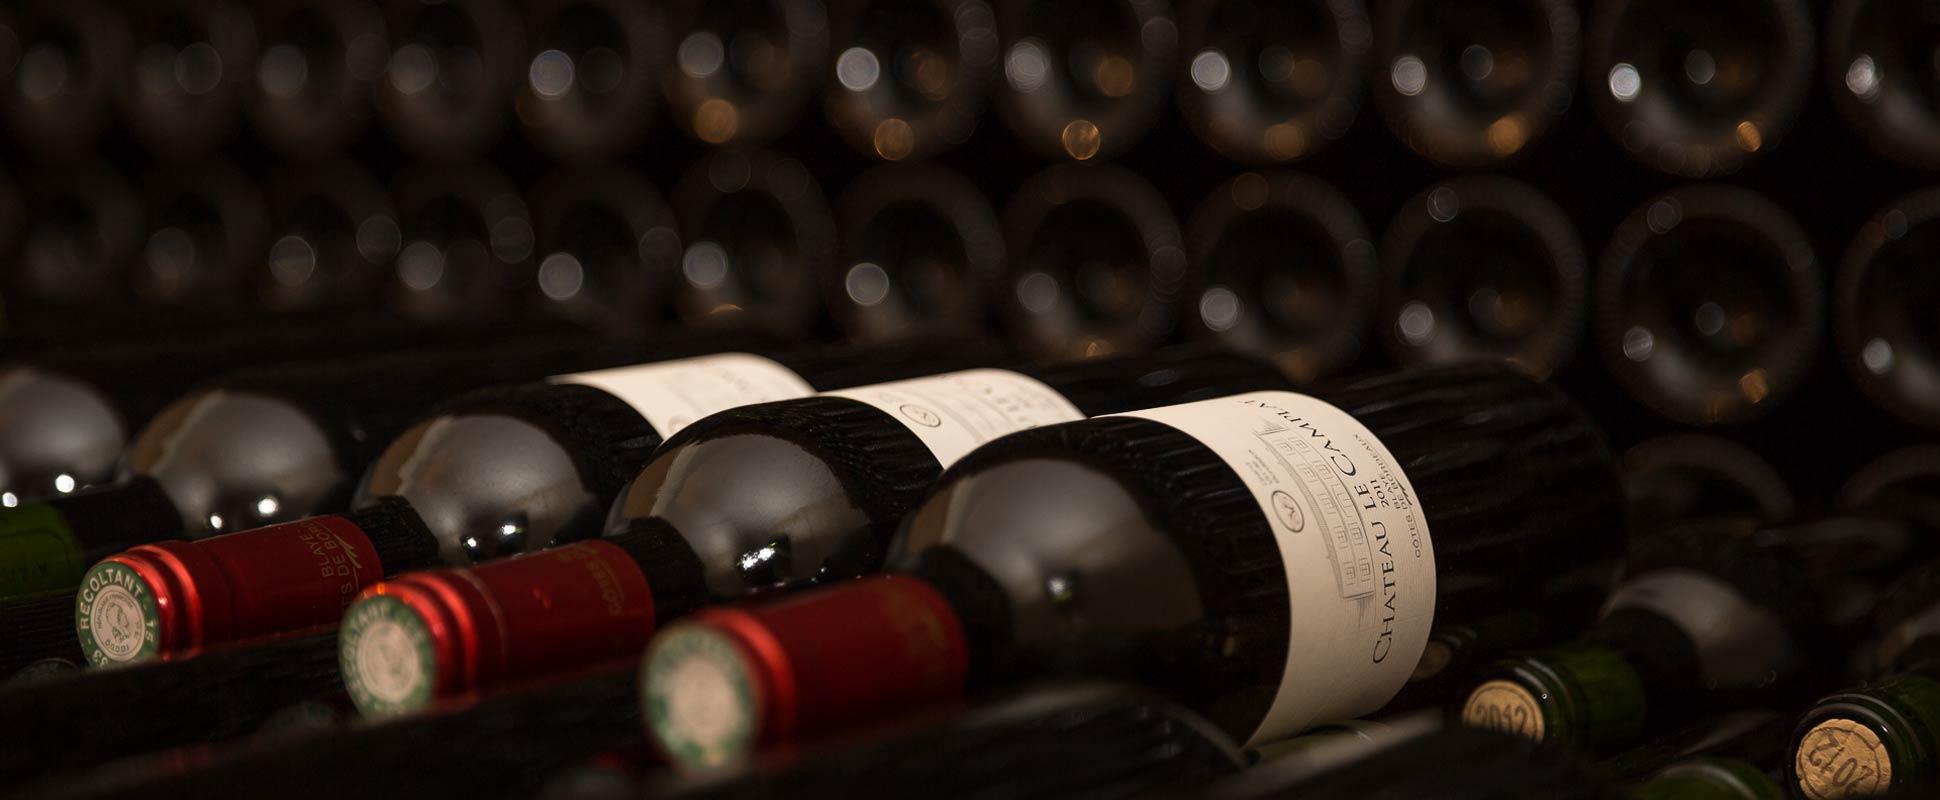 vins-chateau-le-camplat